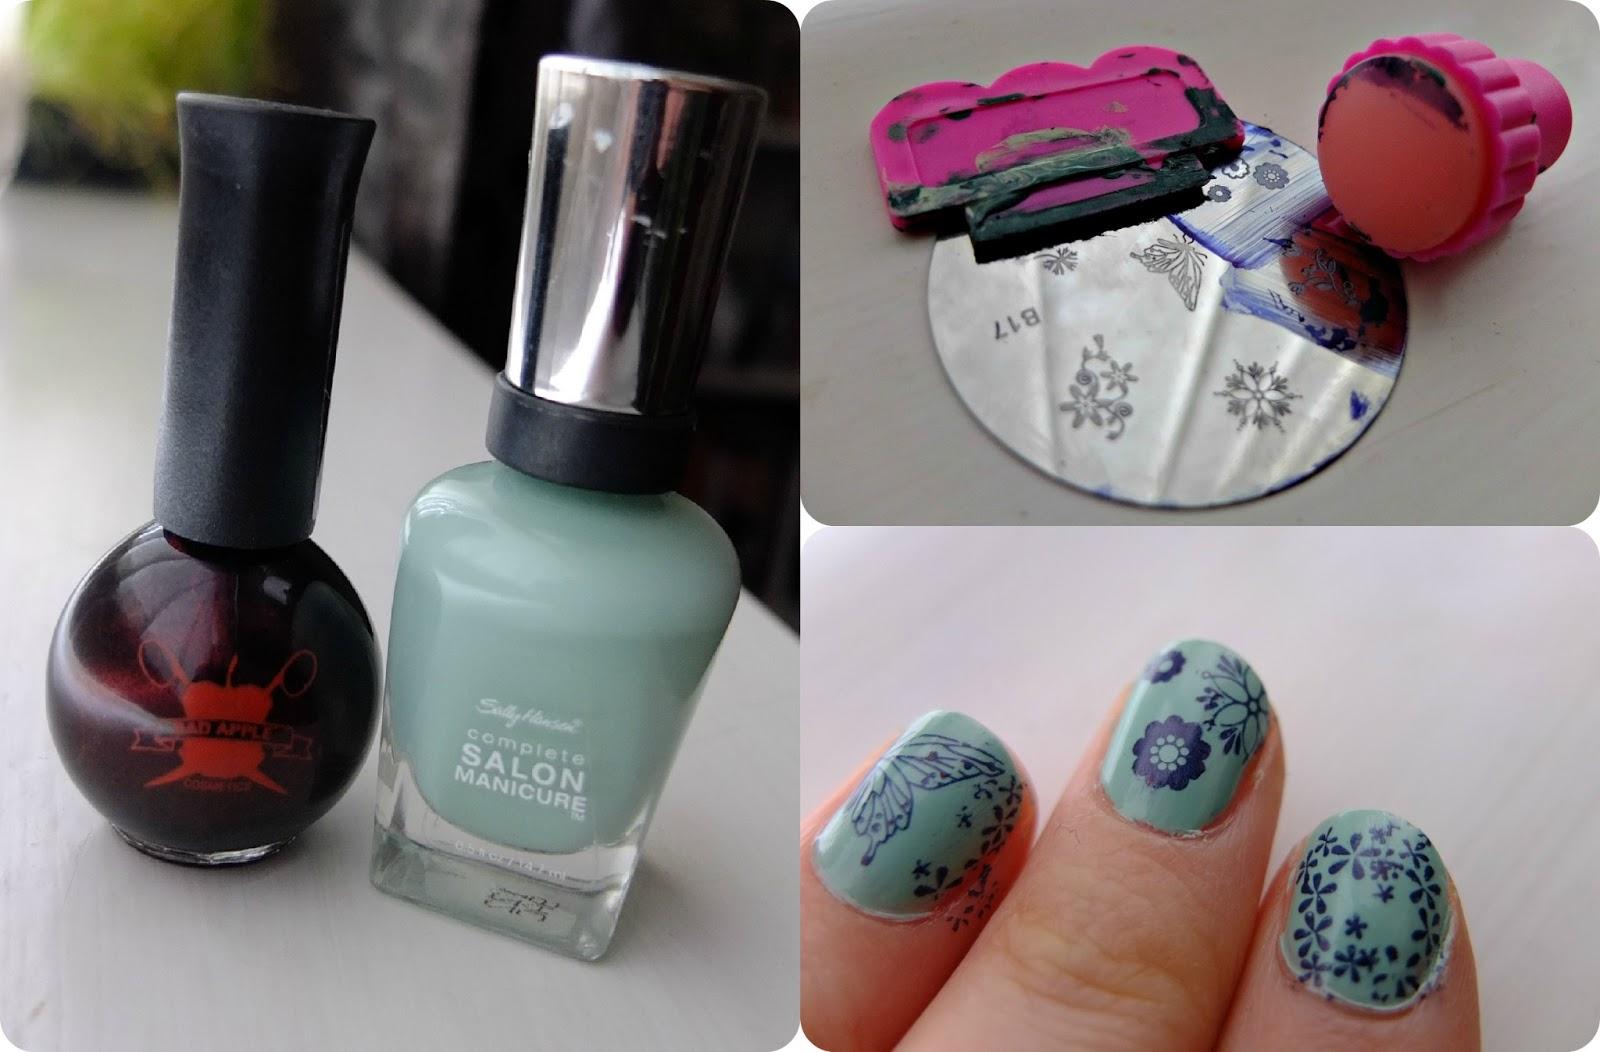 Poundland nail art stamping kit hello terri lowe poundland nail art stamping kit prinsesfo Images